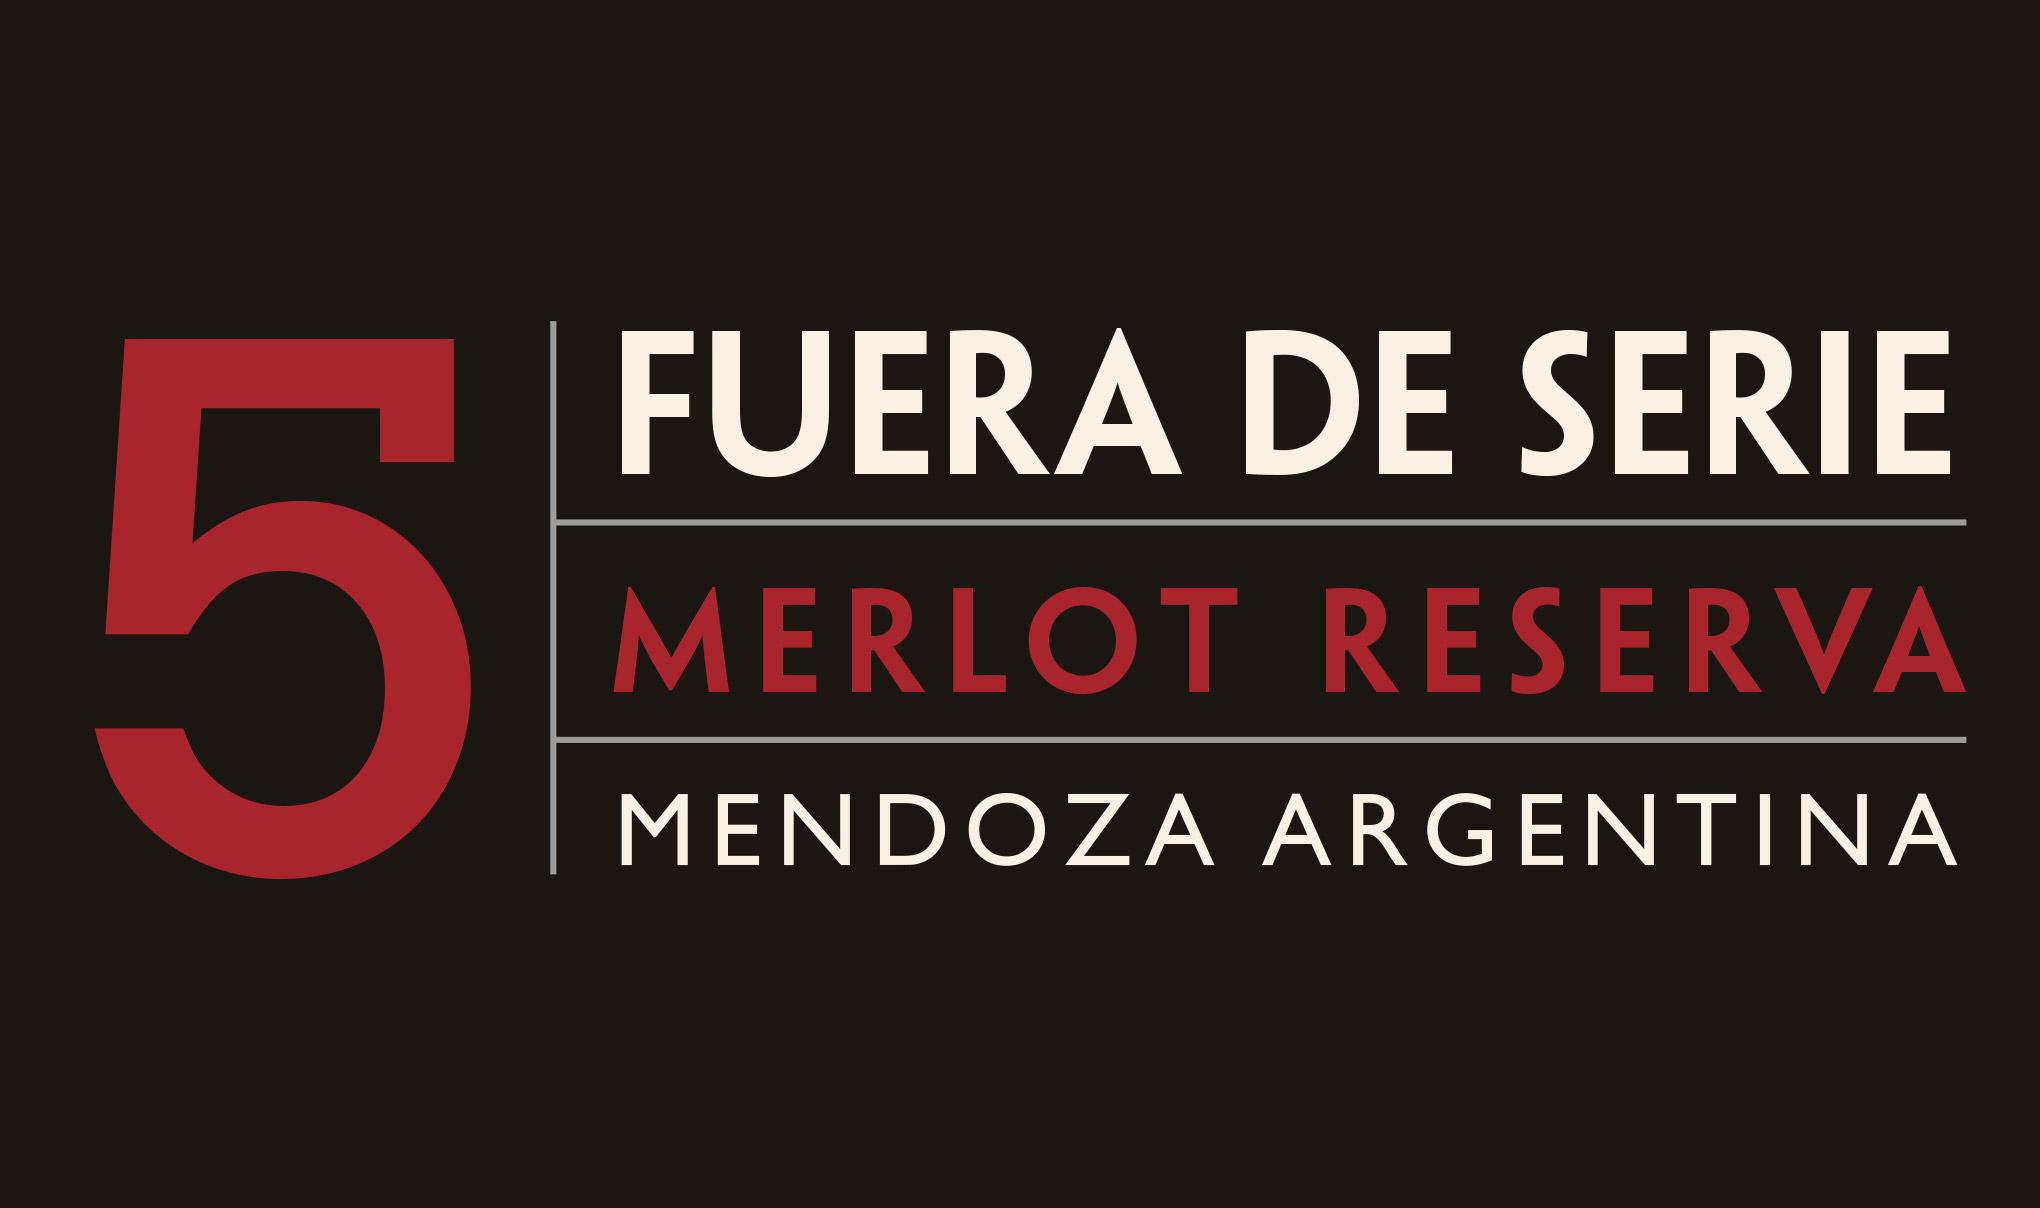 Fuera De Serie wine label tab - Merlot Reserva